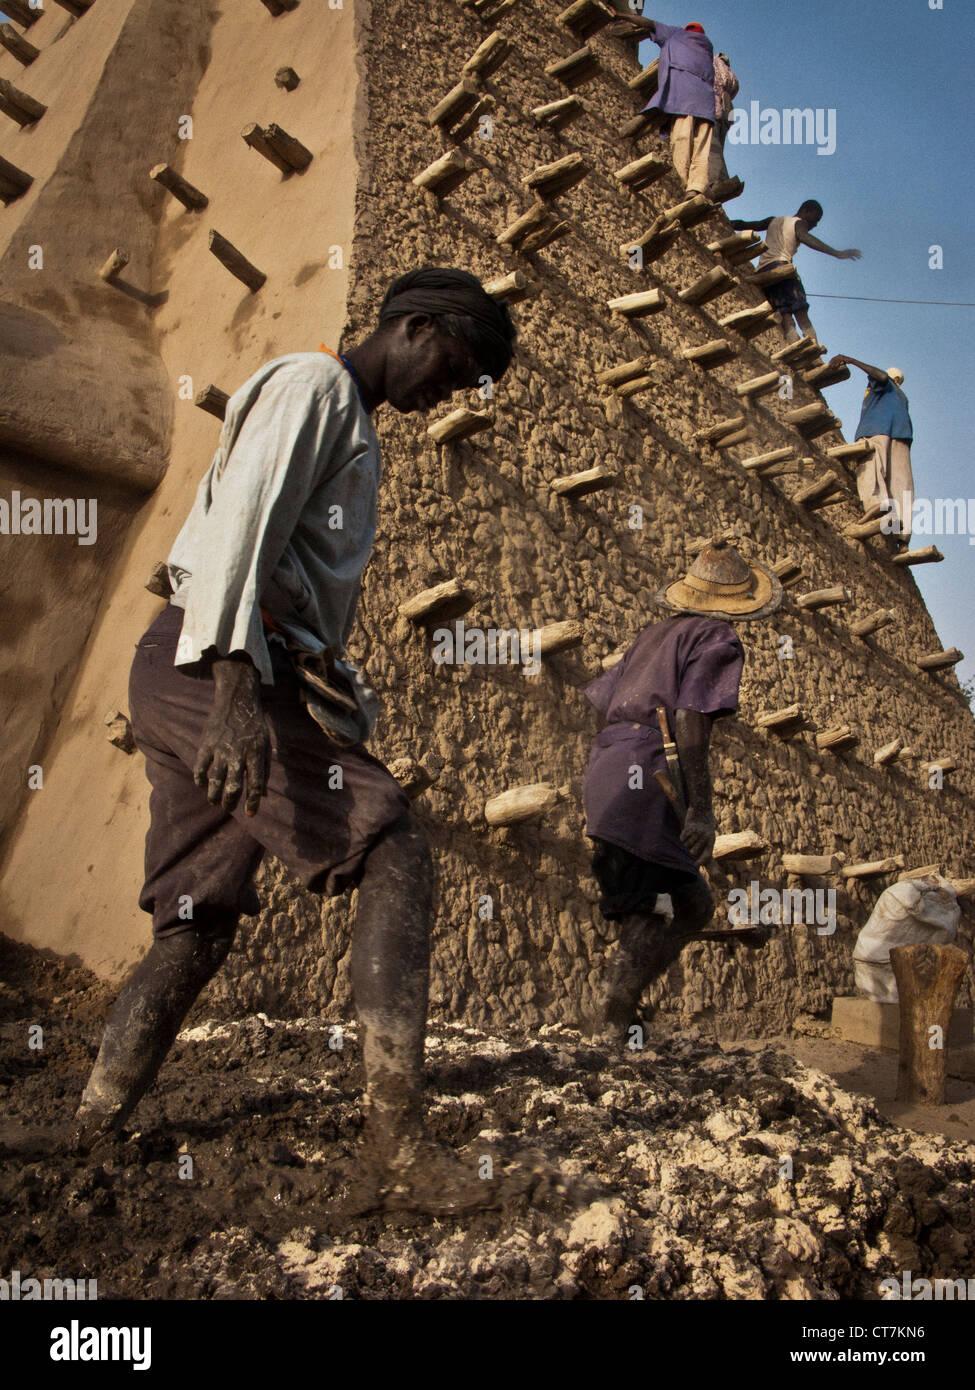 Crepissage Festival. Restauration mit frischen Schlamm der Sankore Moschee. Timbuktu. Mali Stockbild